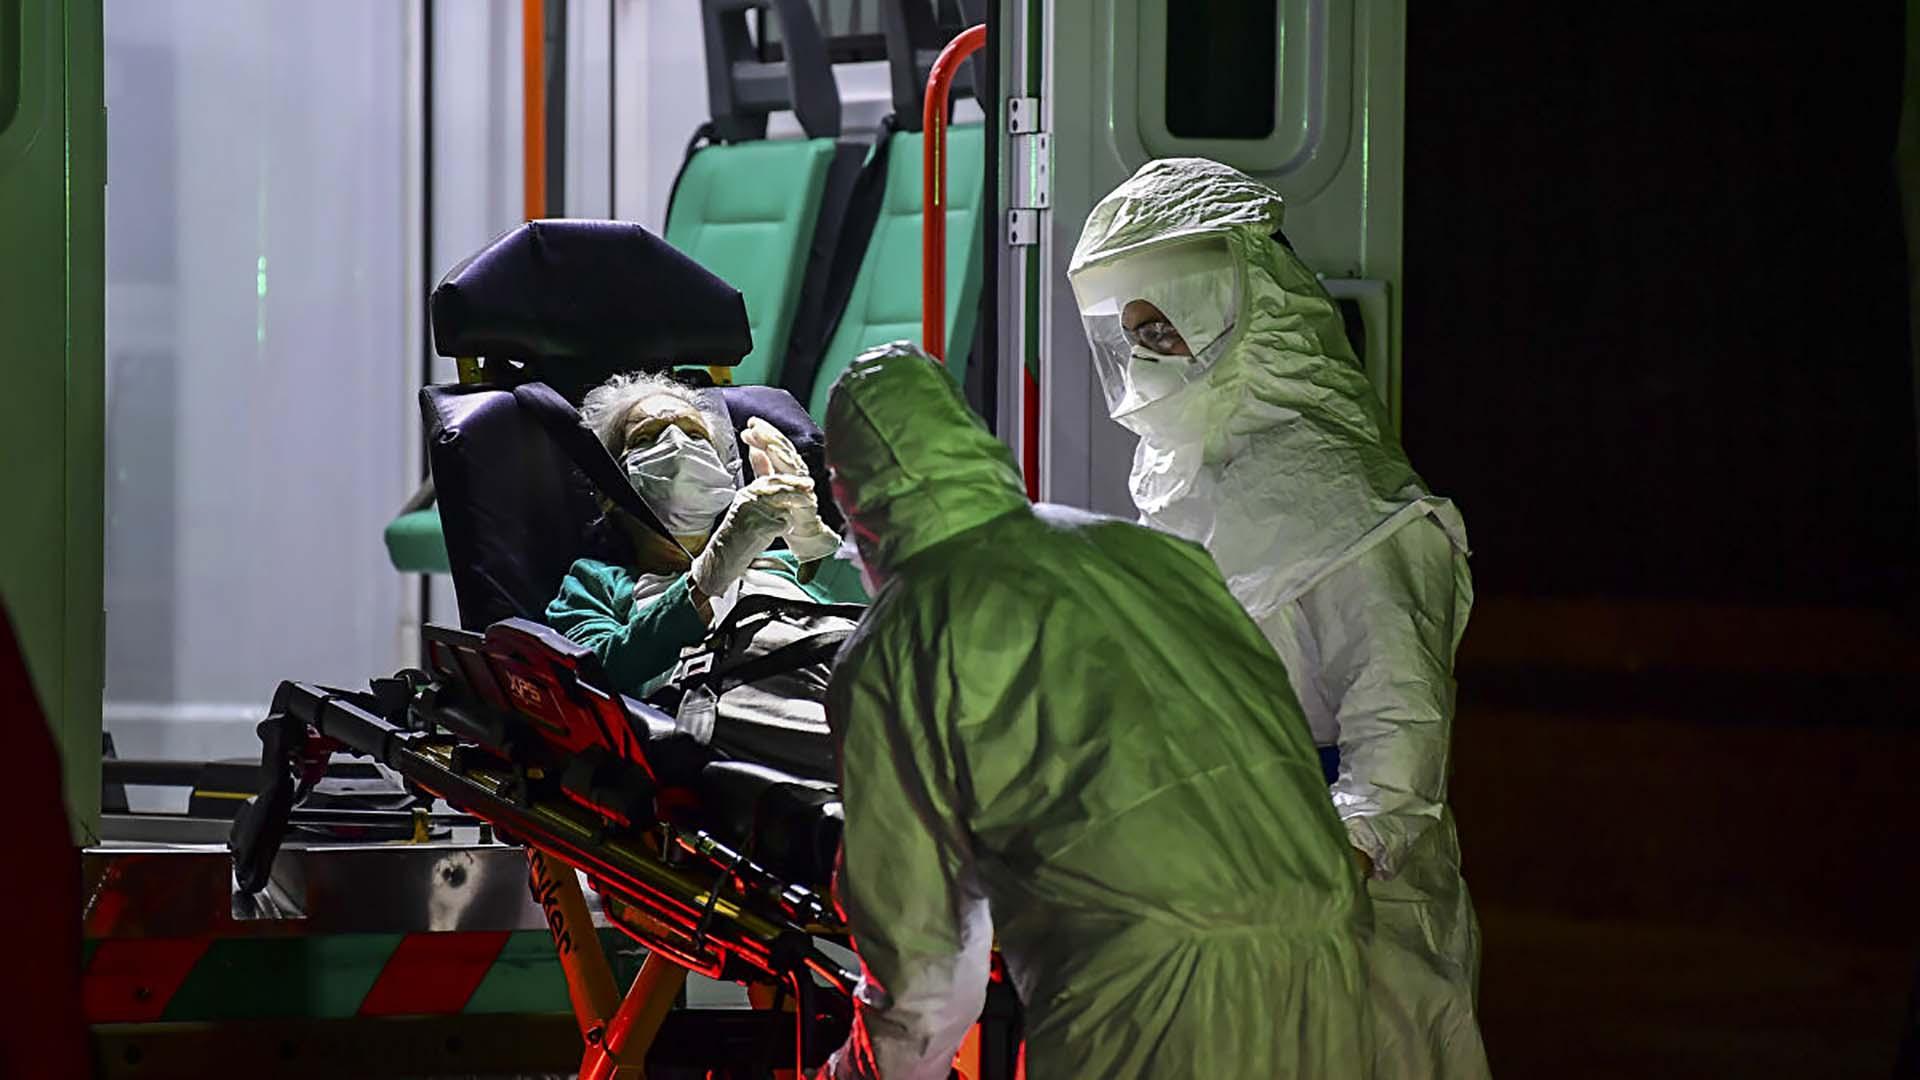 Un anciano con mascarilla y guantes, presuntamente infectado con COVID-19, es trasladado de un geriátrico a una ambulancia del SAME en el barrio Belgrano